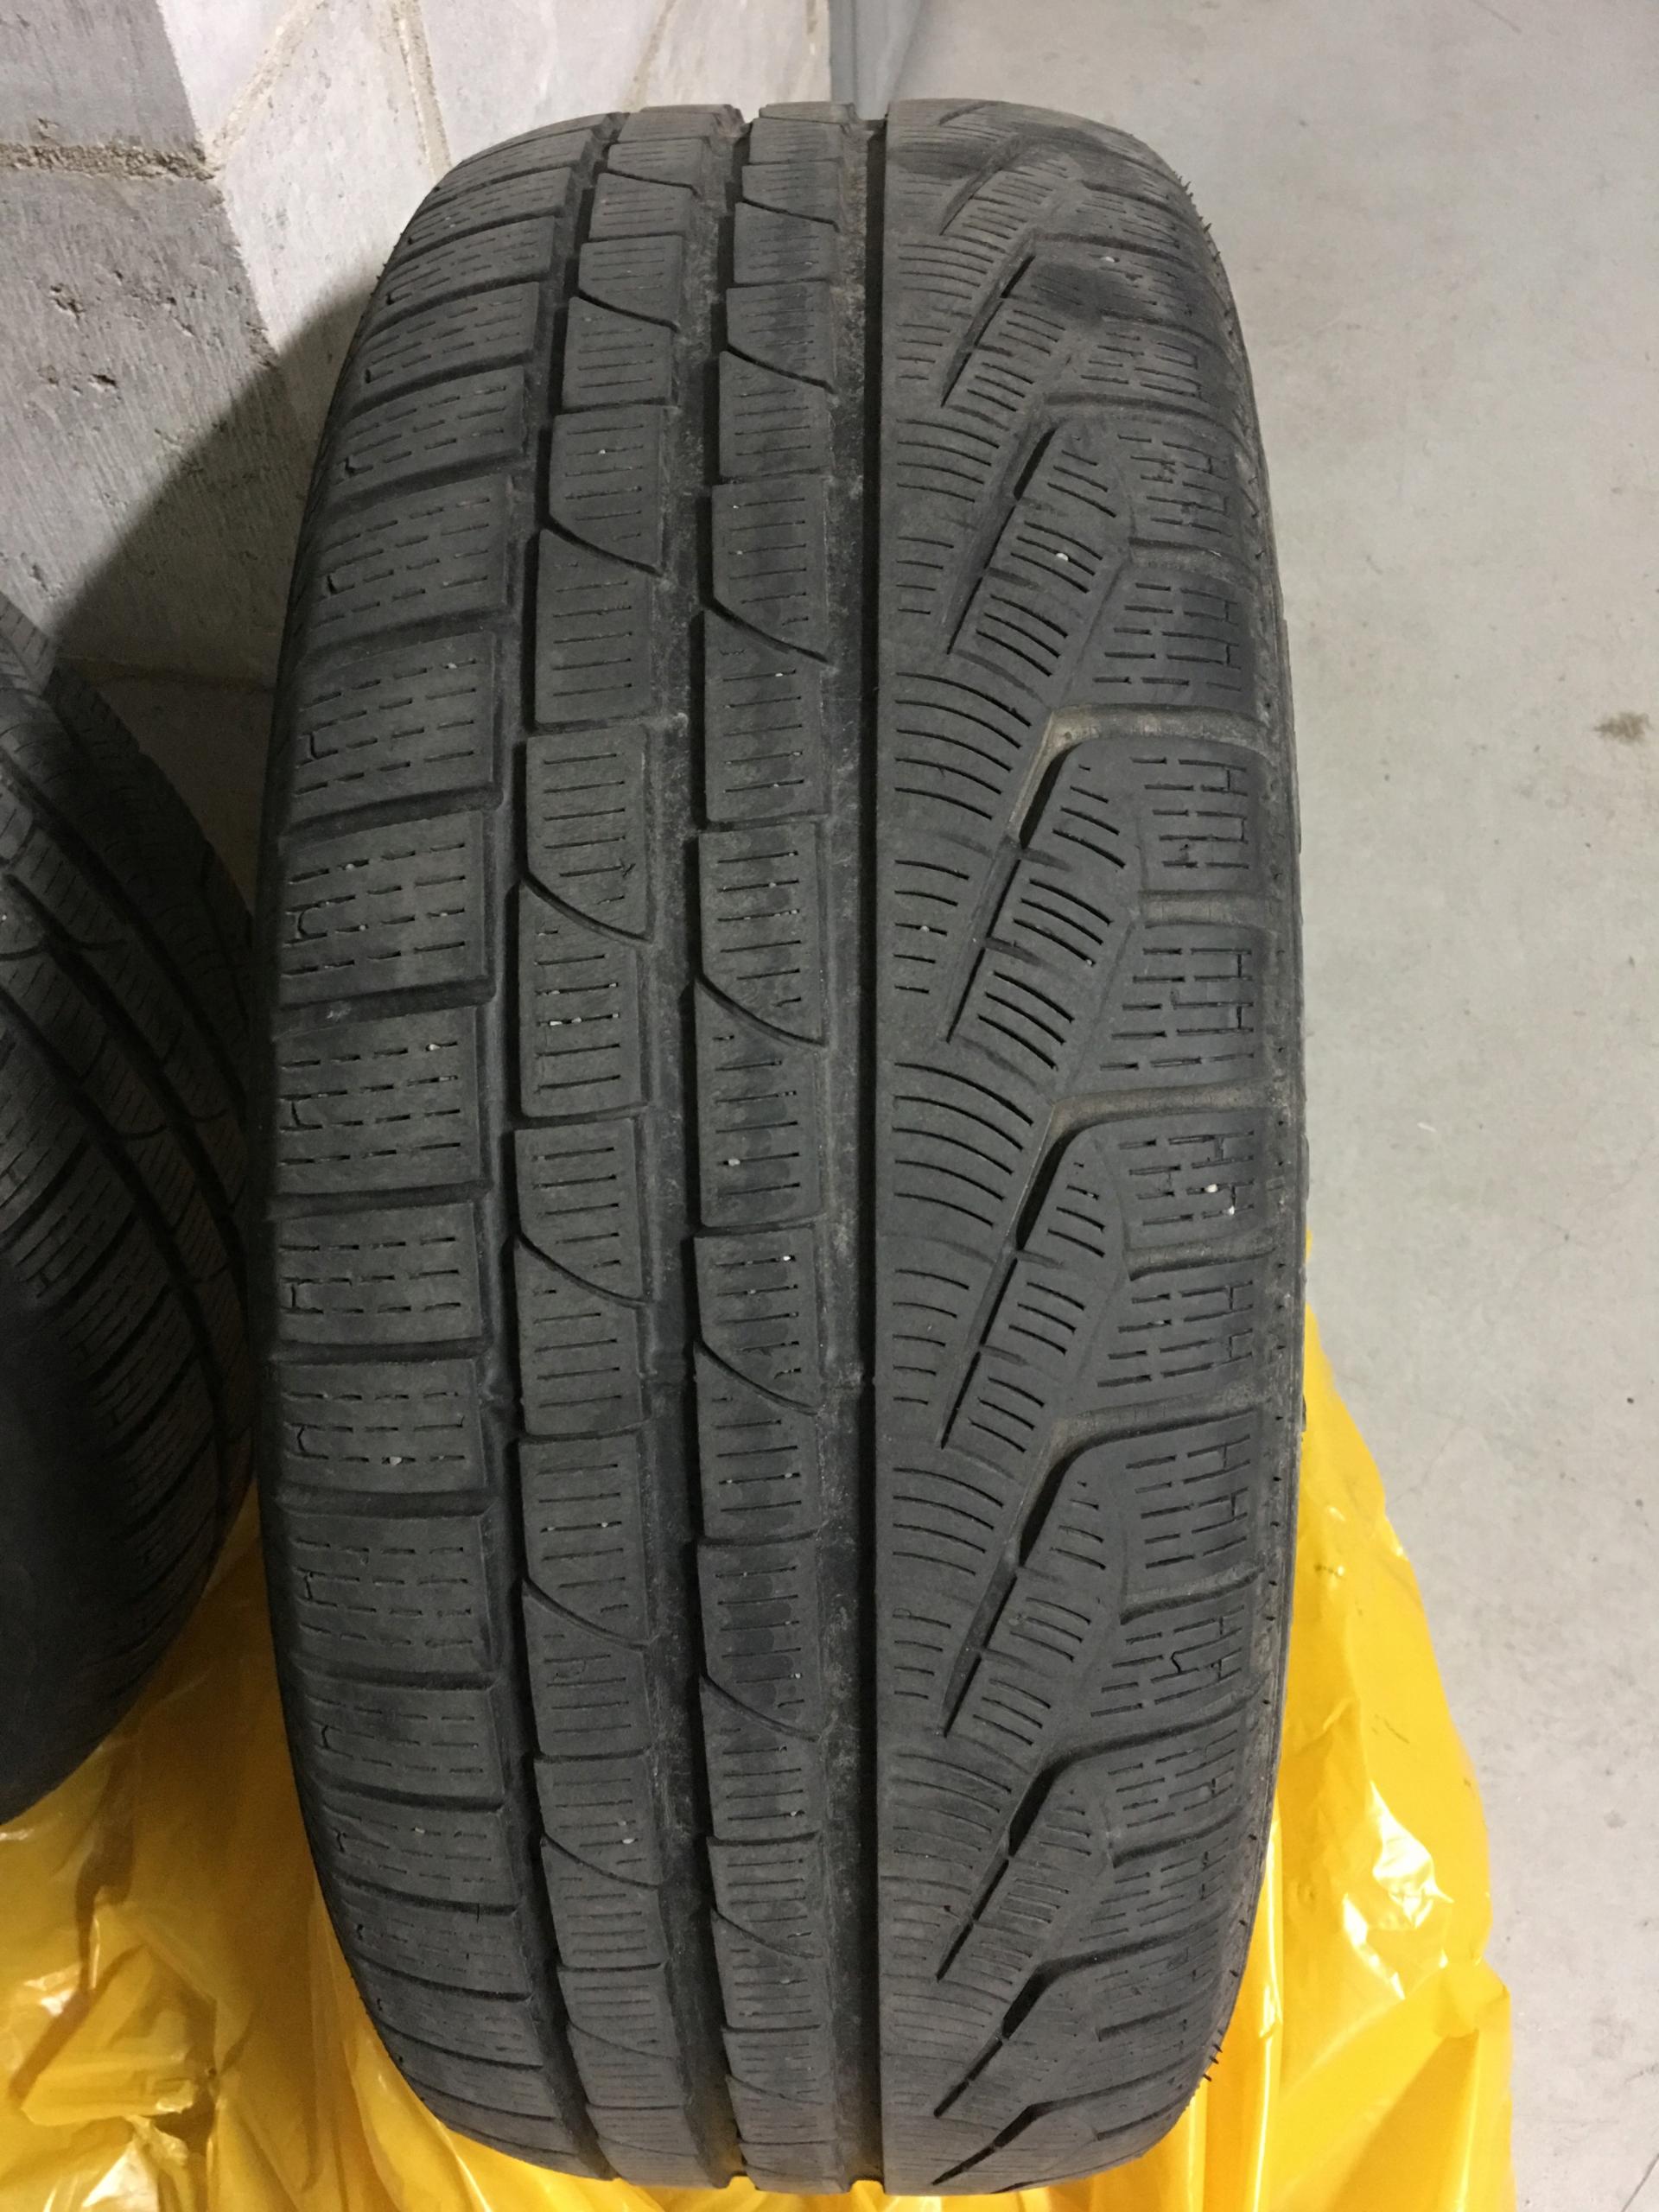 Opony Zimowe Pirelli 22545 R18 95 V Run Flat Bmw 7619259142